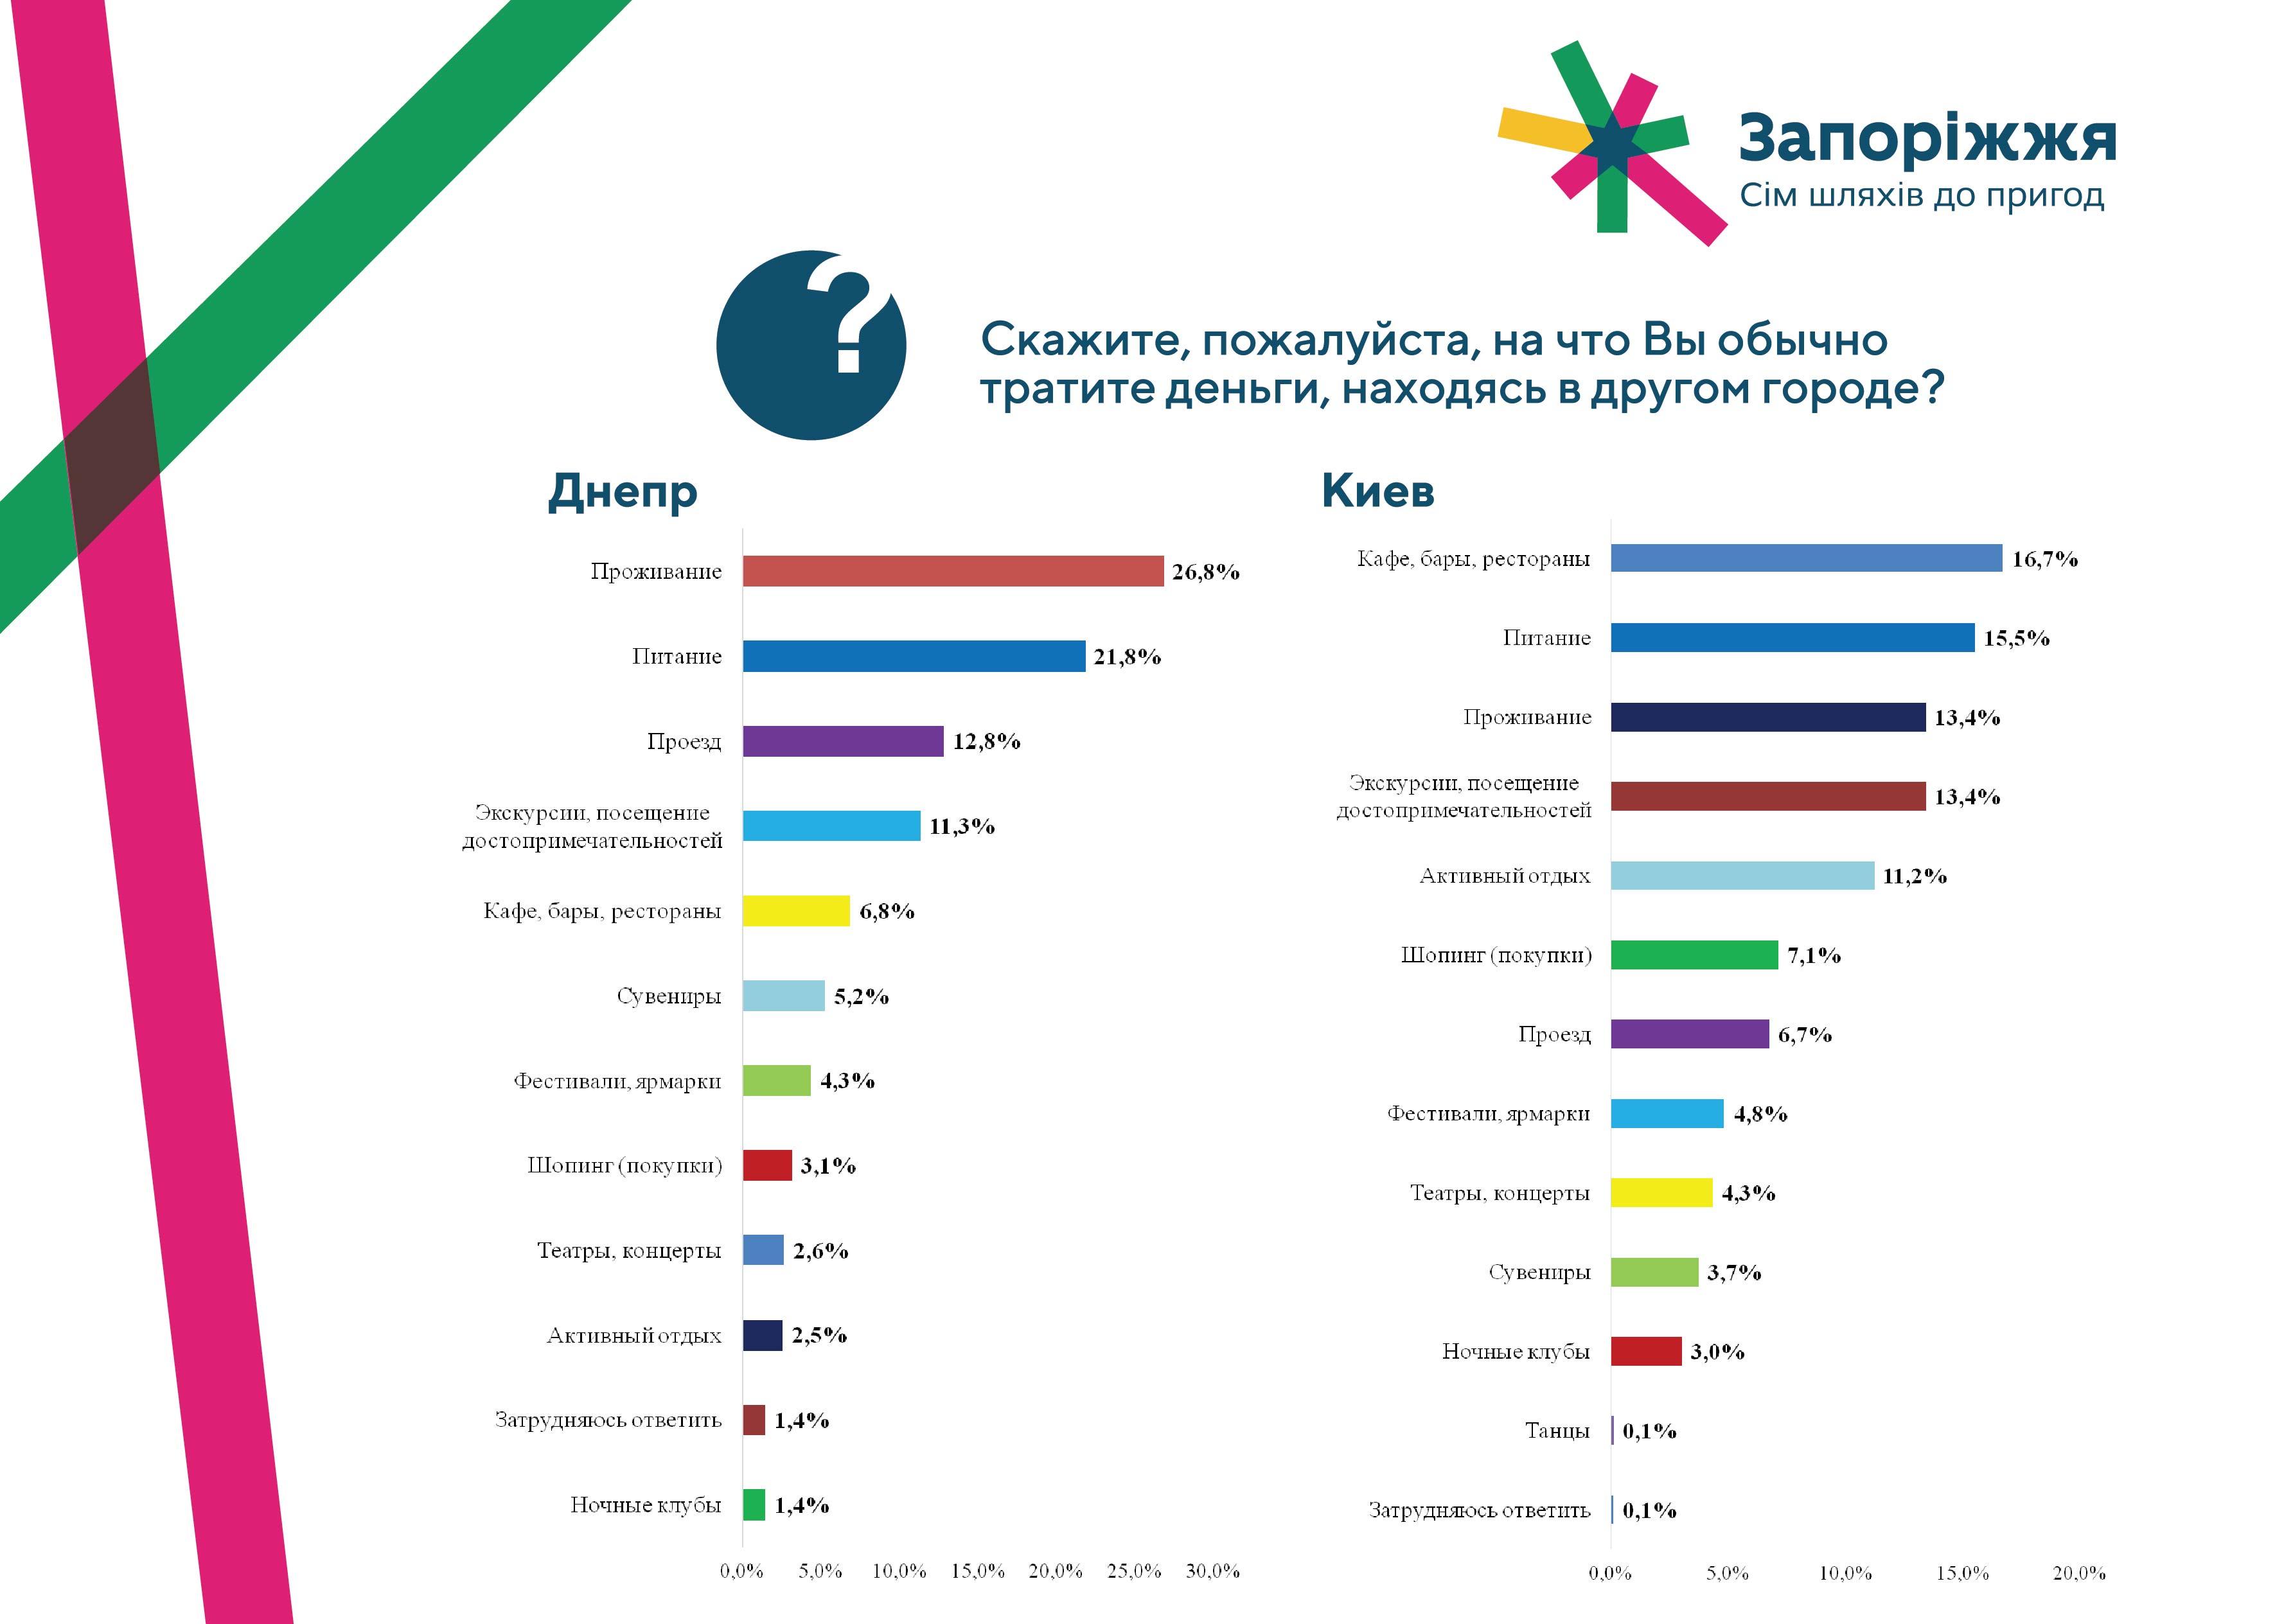 презентация-днепр-киев-09.jpg